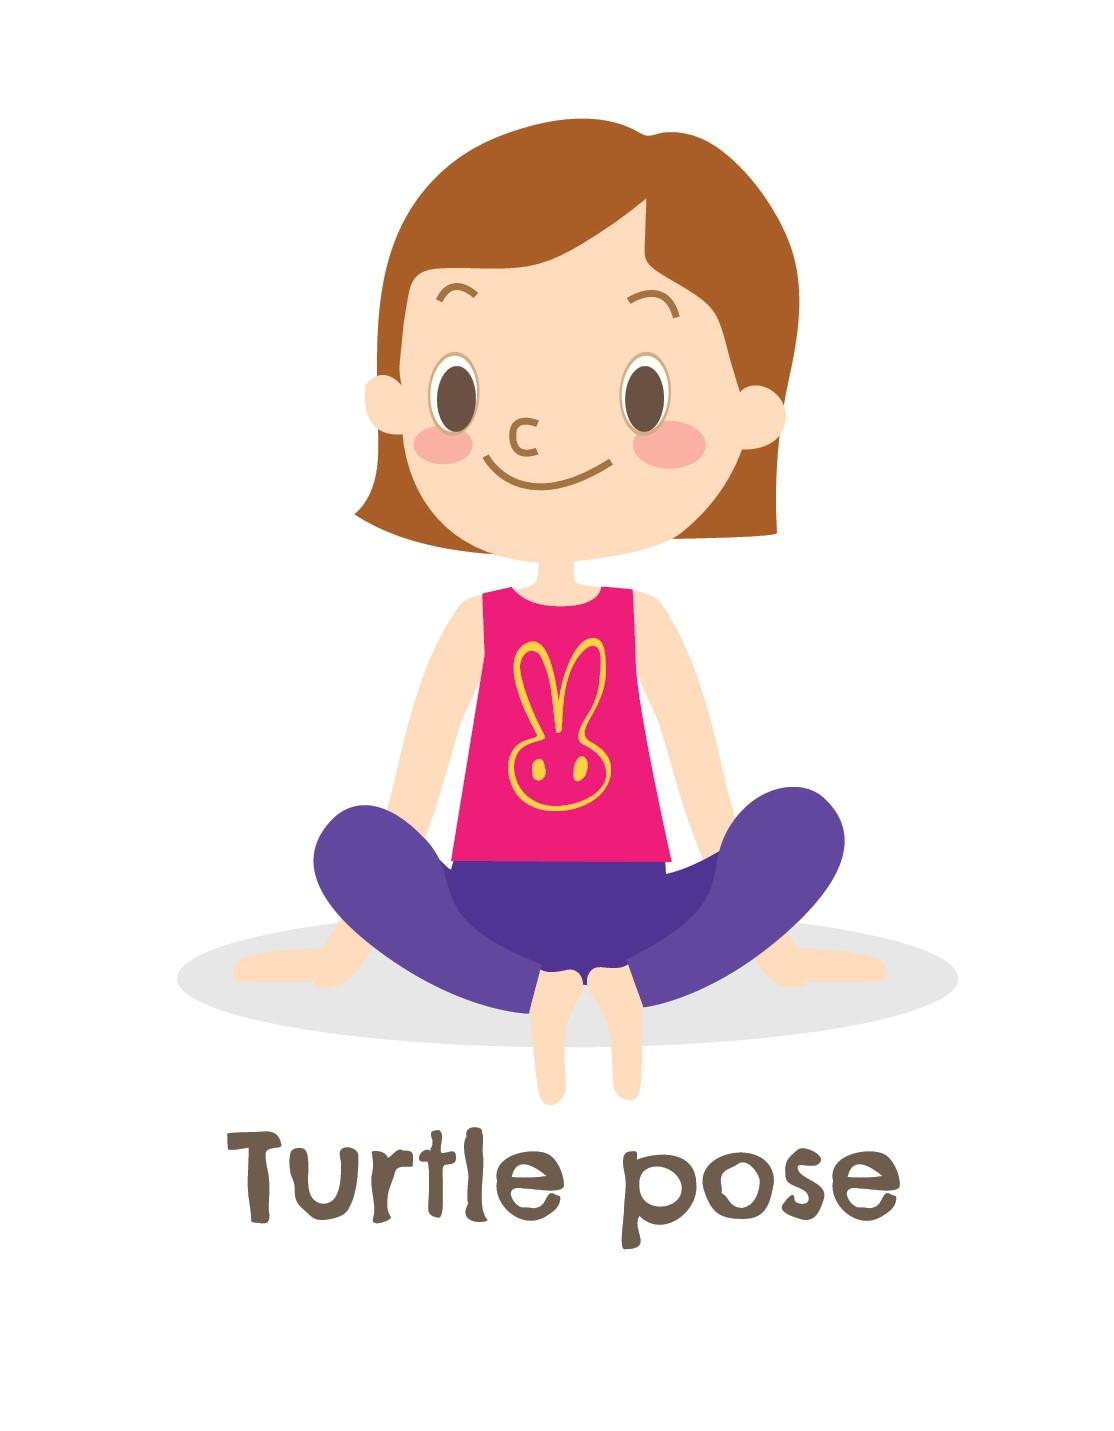 Turtle Pose Kid's Yoga